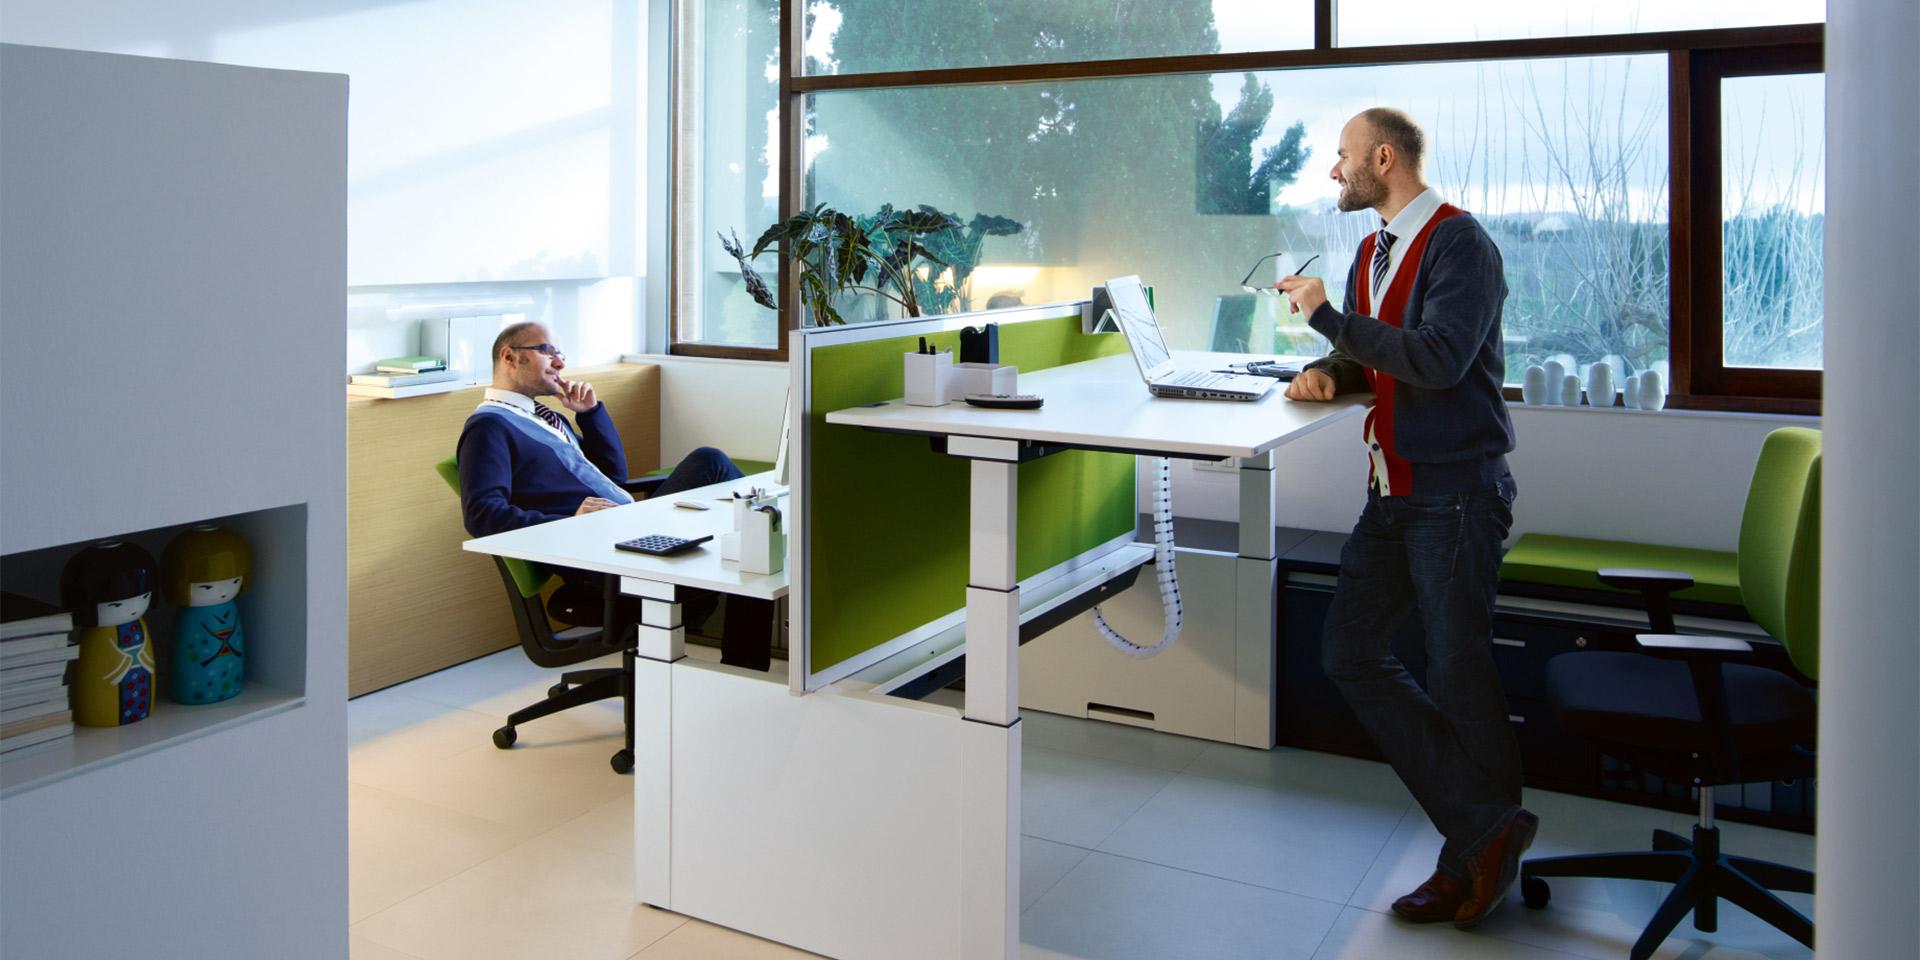 Tischsystem temptation twin von Sedus   Büromöbel in Stuttgart